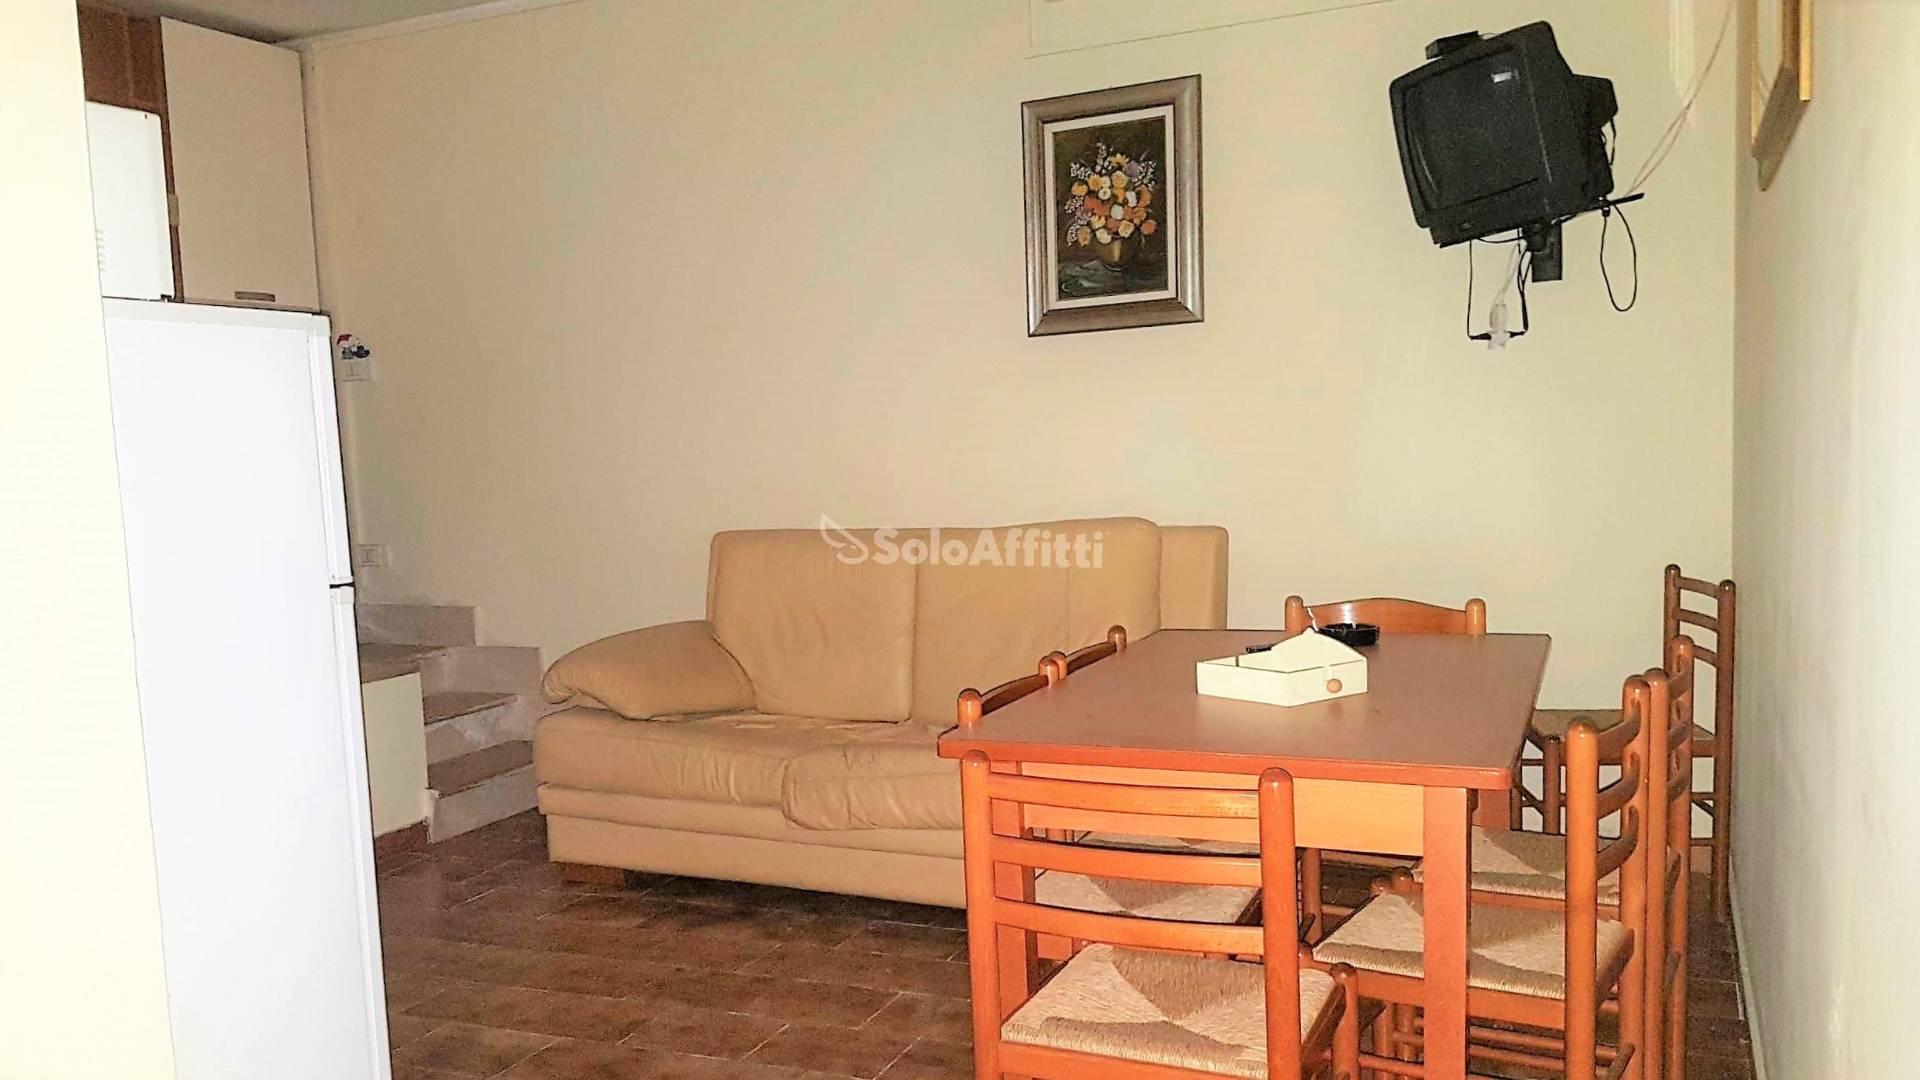 Appartamento in affitto a Catanzaro, 3 locali, zona Località: CatanzaroLido, prezzo € 400 | CambioCasa.it